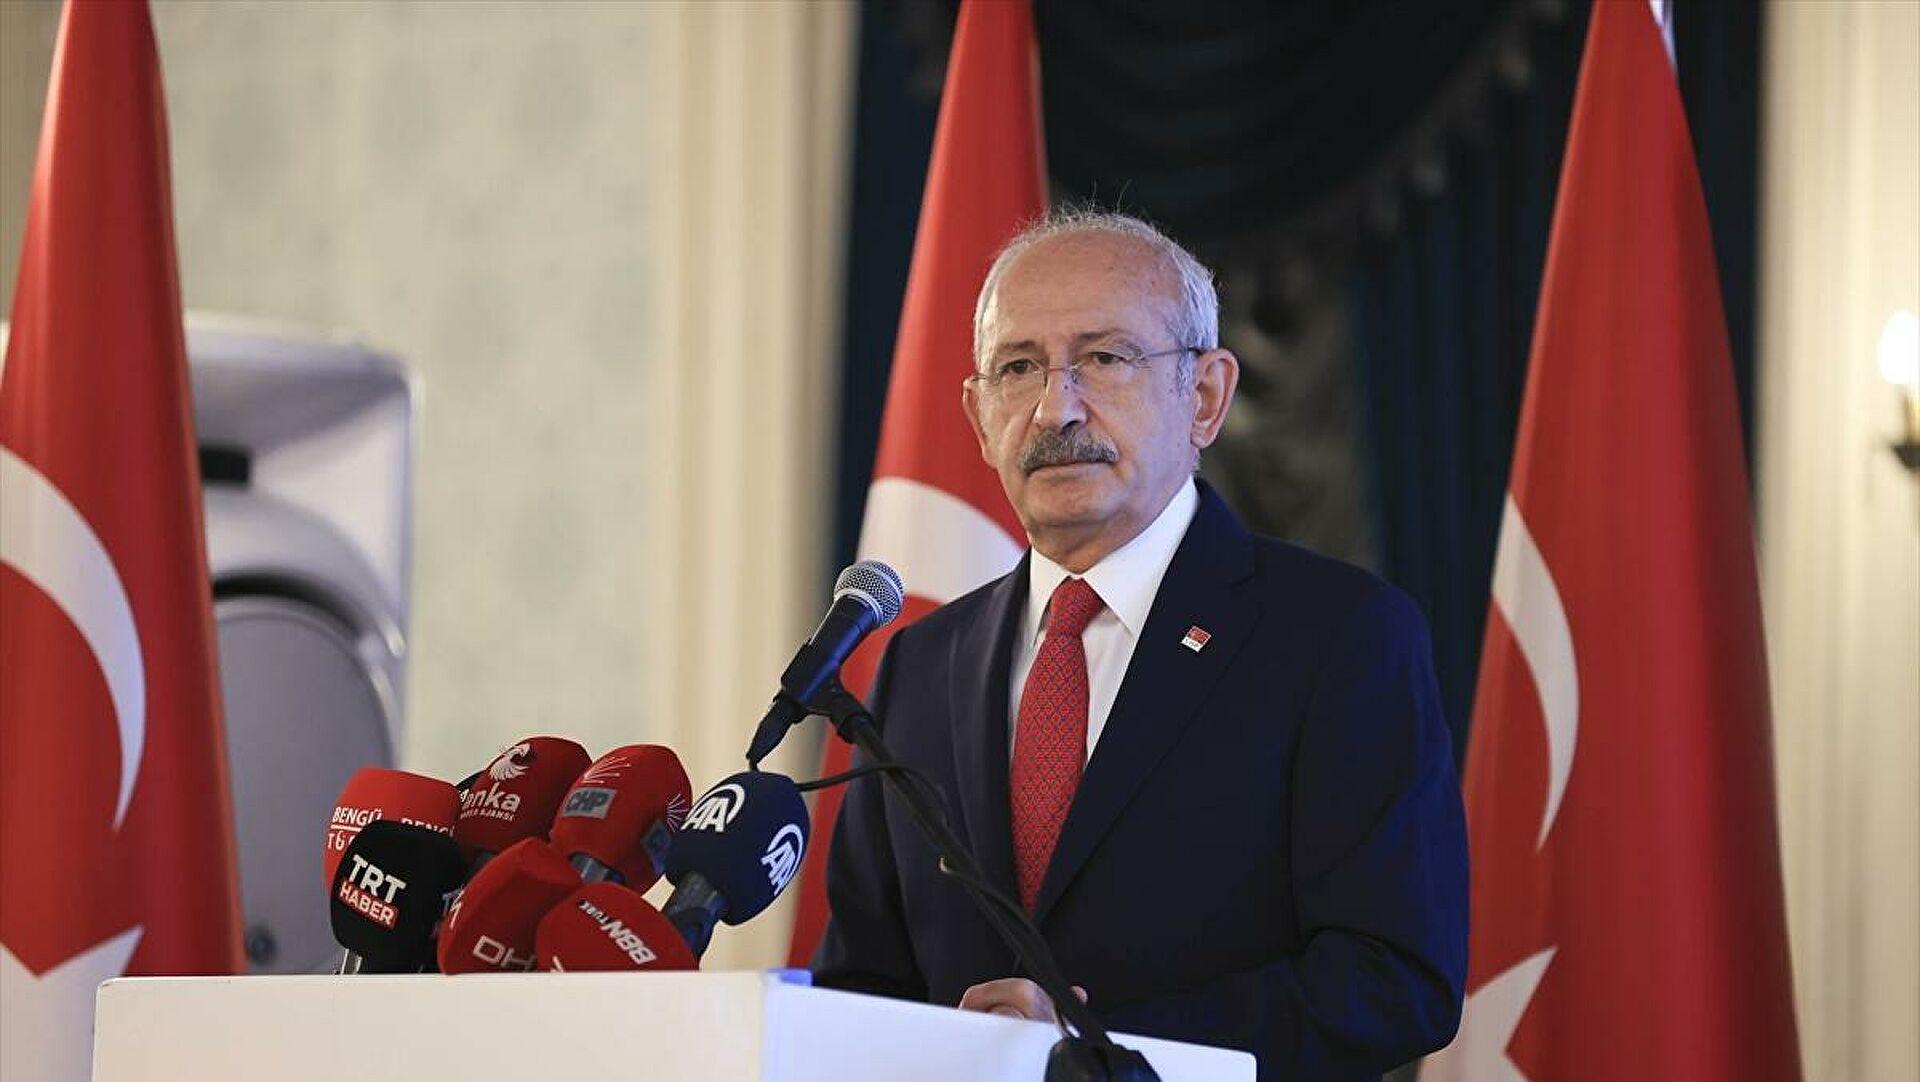 Kılıçdaroğlu: Cumhuriyetimizi ne pahasına olursa olsun demokrasi ile taçlandıracağız